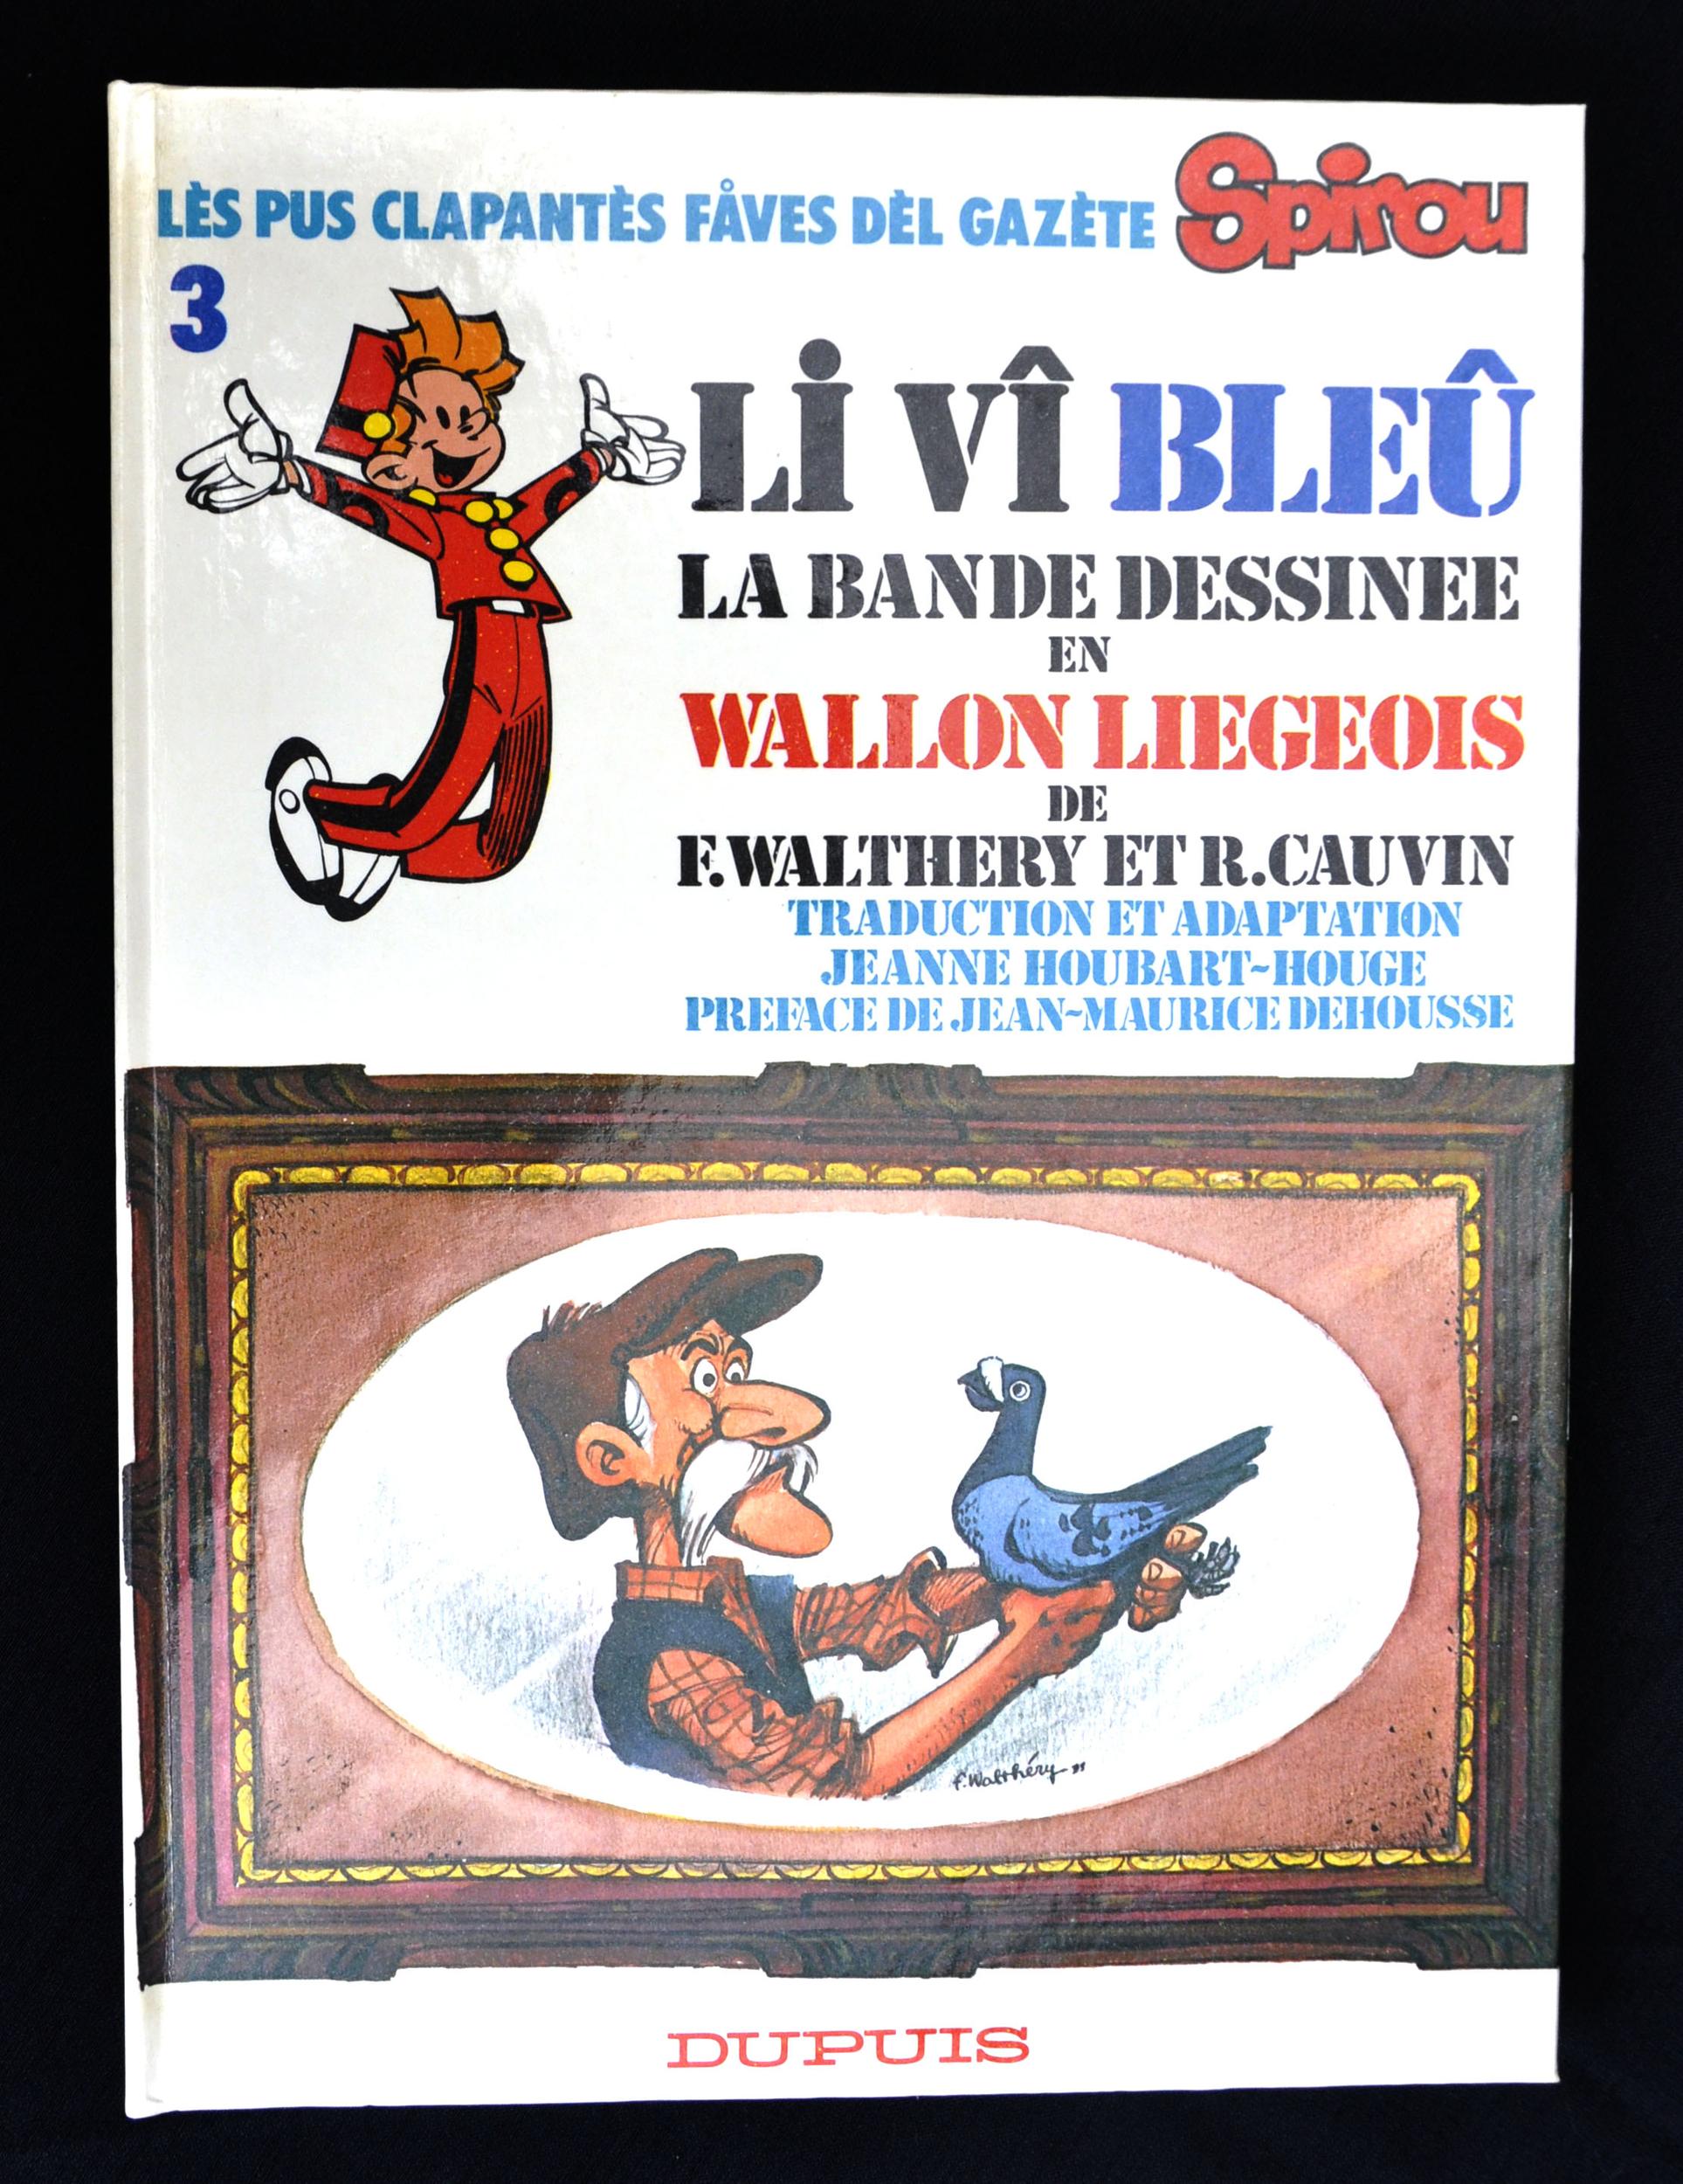 wallon liégeois-1ère édition-20€-épuisé